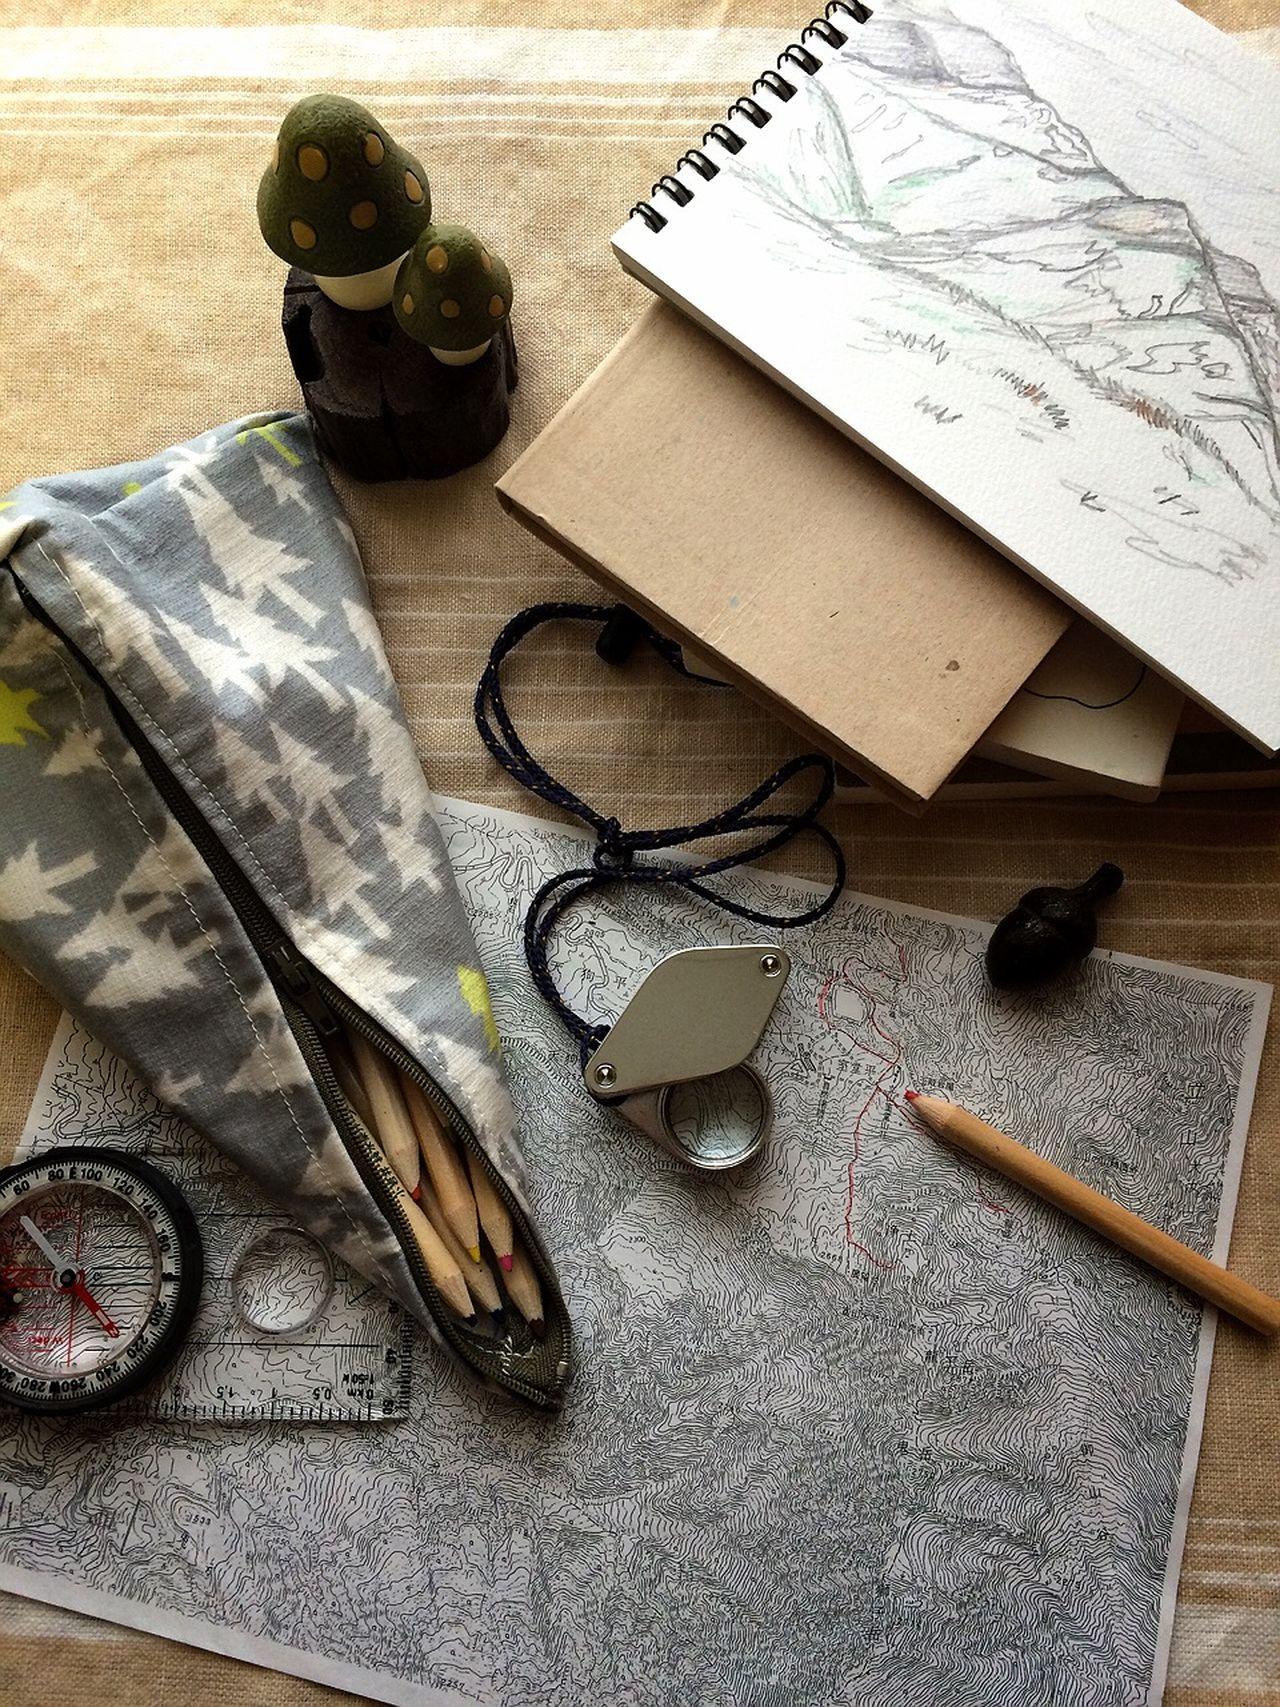 Beautiful stock photos of tools, Book, Camp Kit, Close-Up, Compass